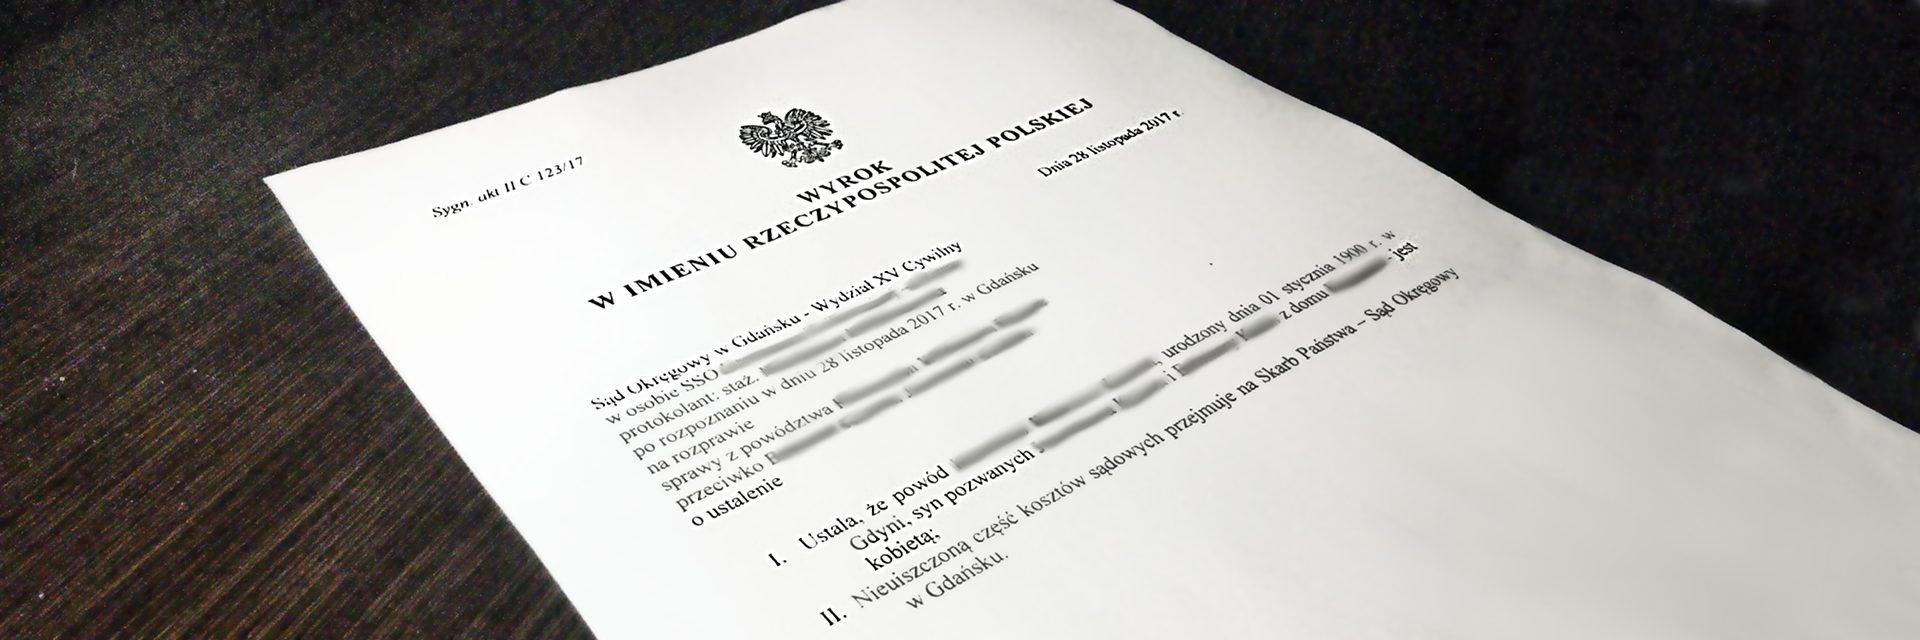 Przykładowy wyrok polskiego sądu okręgowego